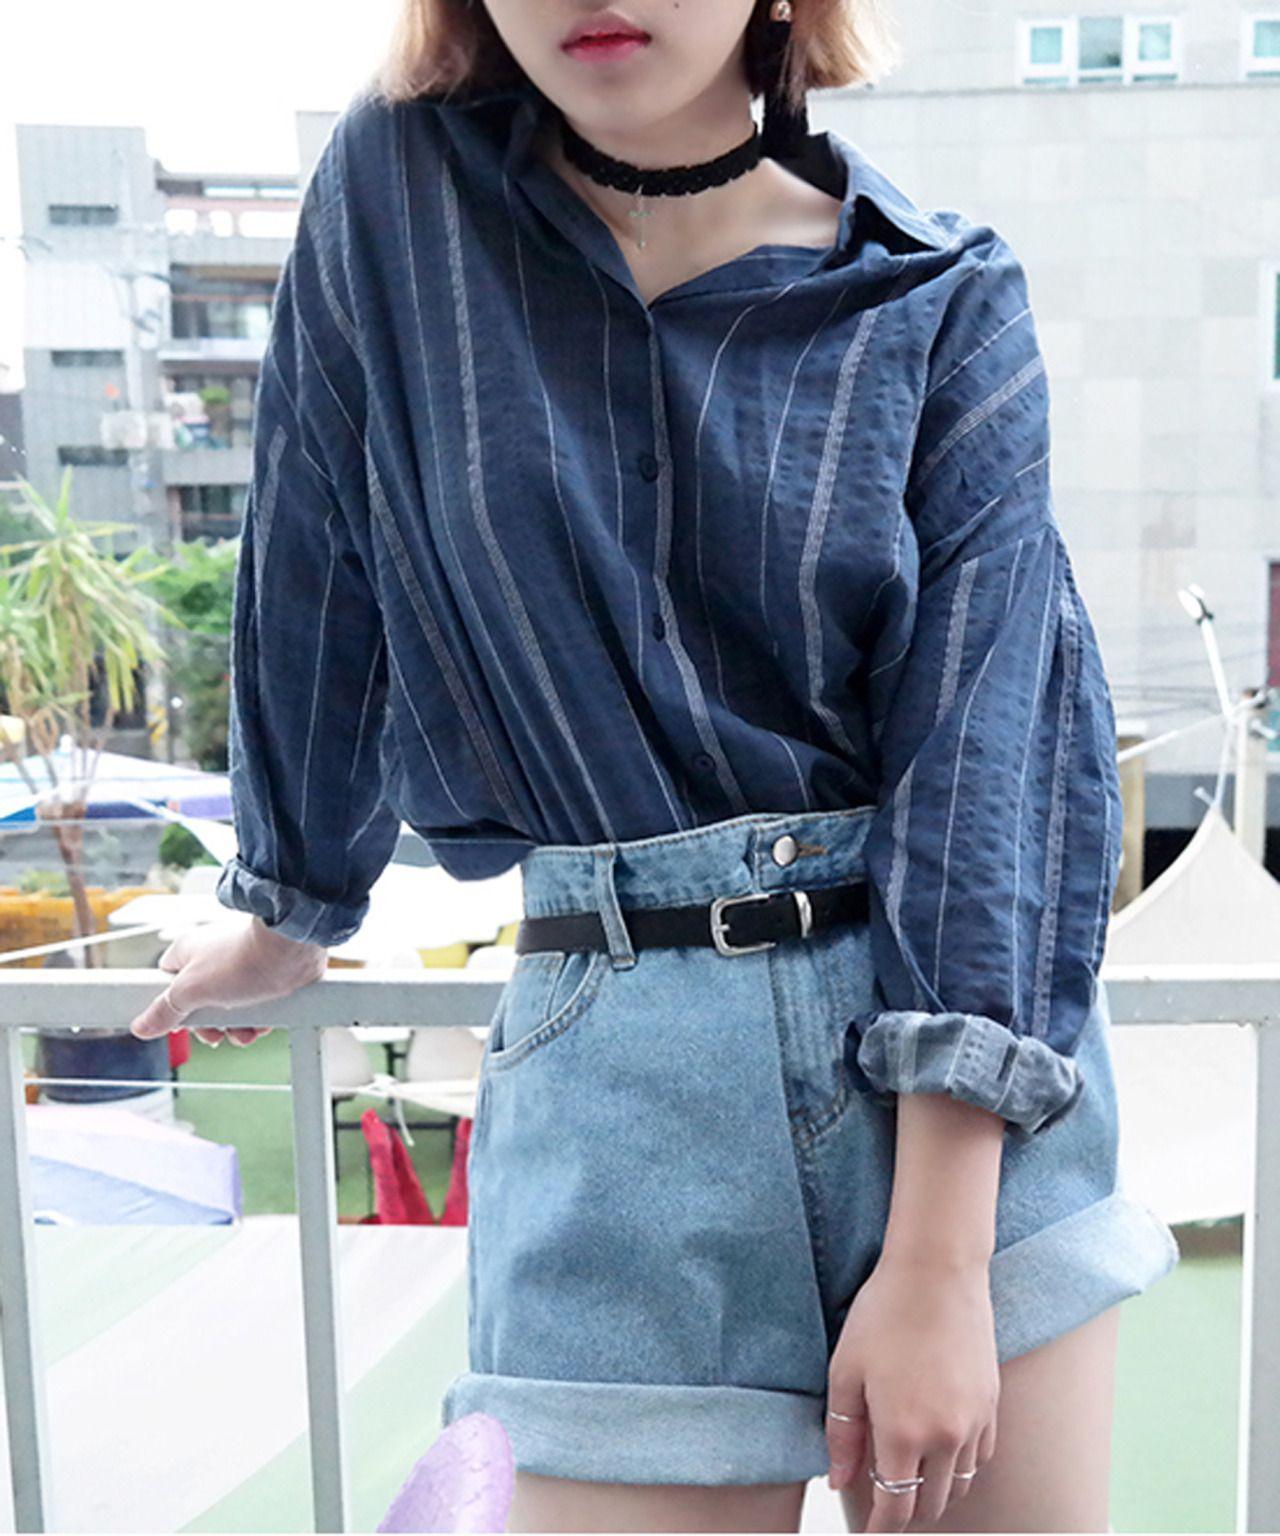 Korean fashion casual, Chic clothing